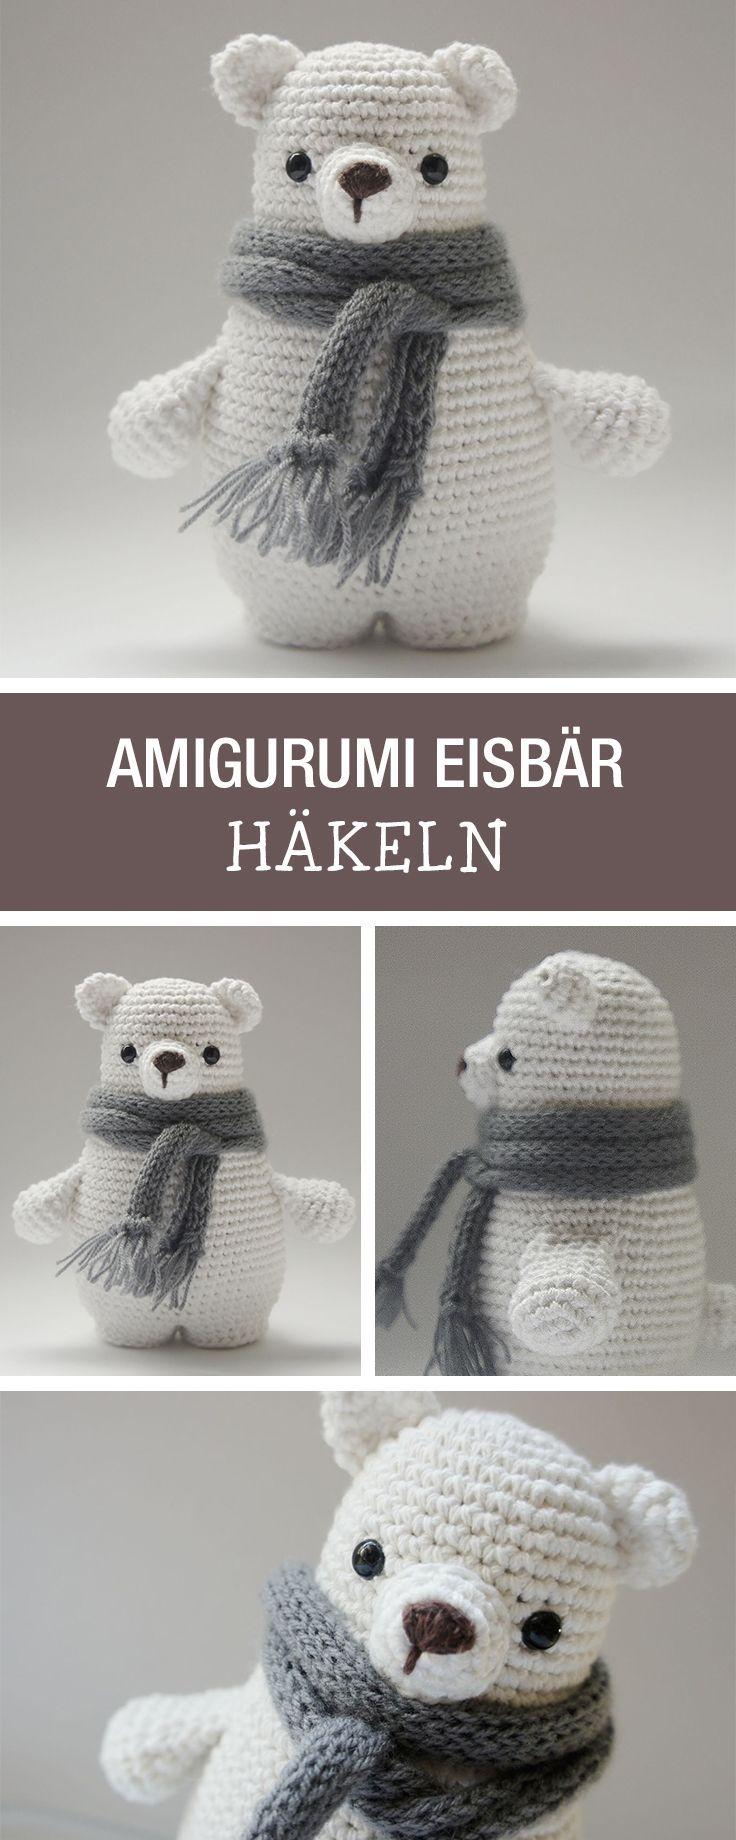 DIY-Anleitung: Amigurumi-Eisbär mit Schal selber häkeln via DaWanda ...